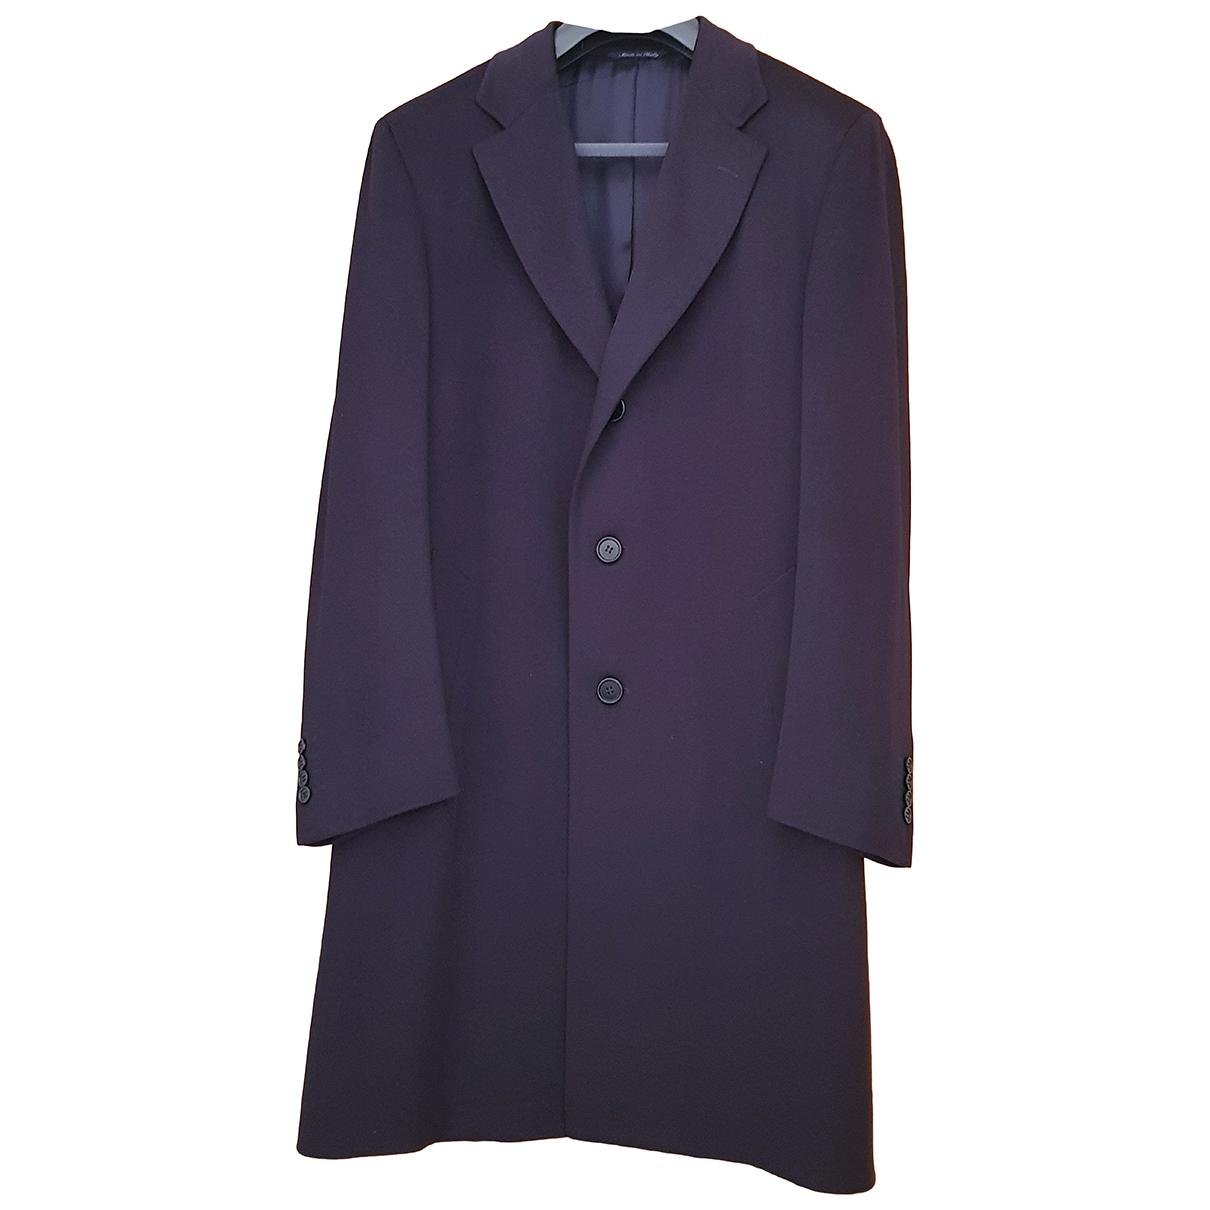 Canali - Manteau   pour homme en laine - bleu